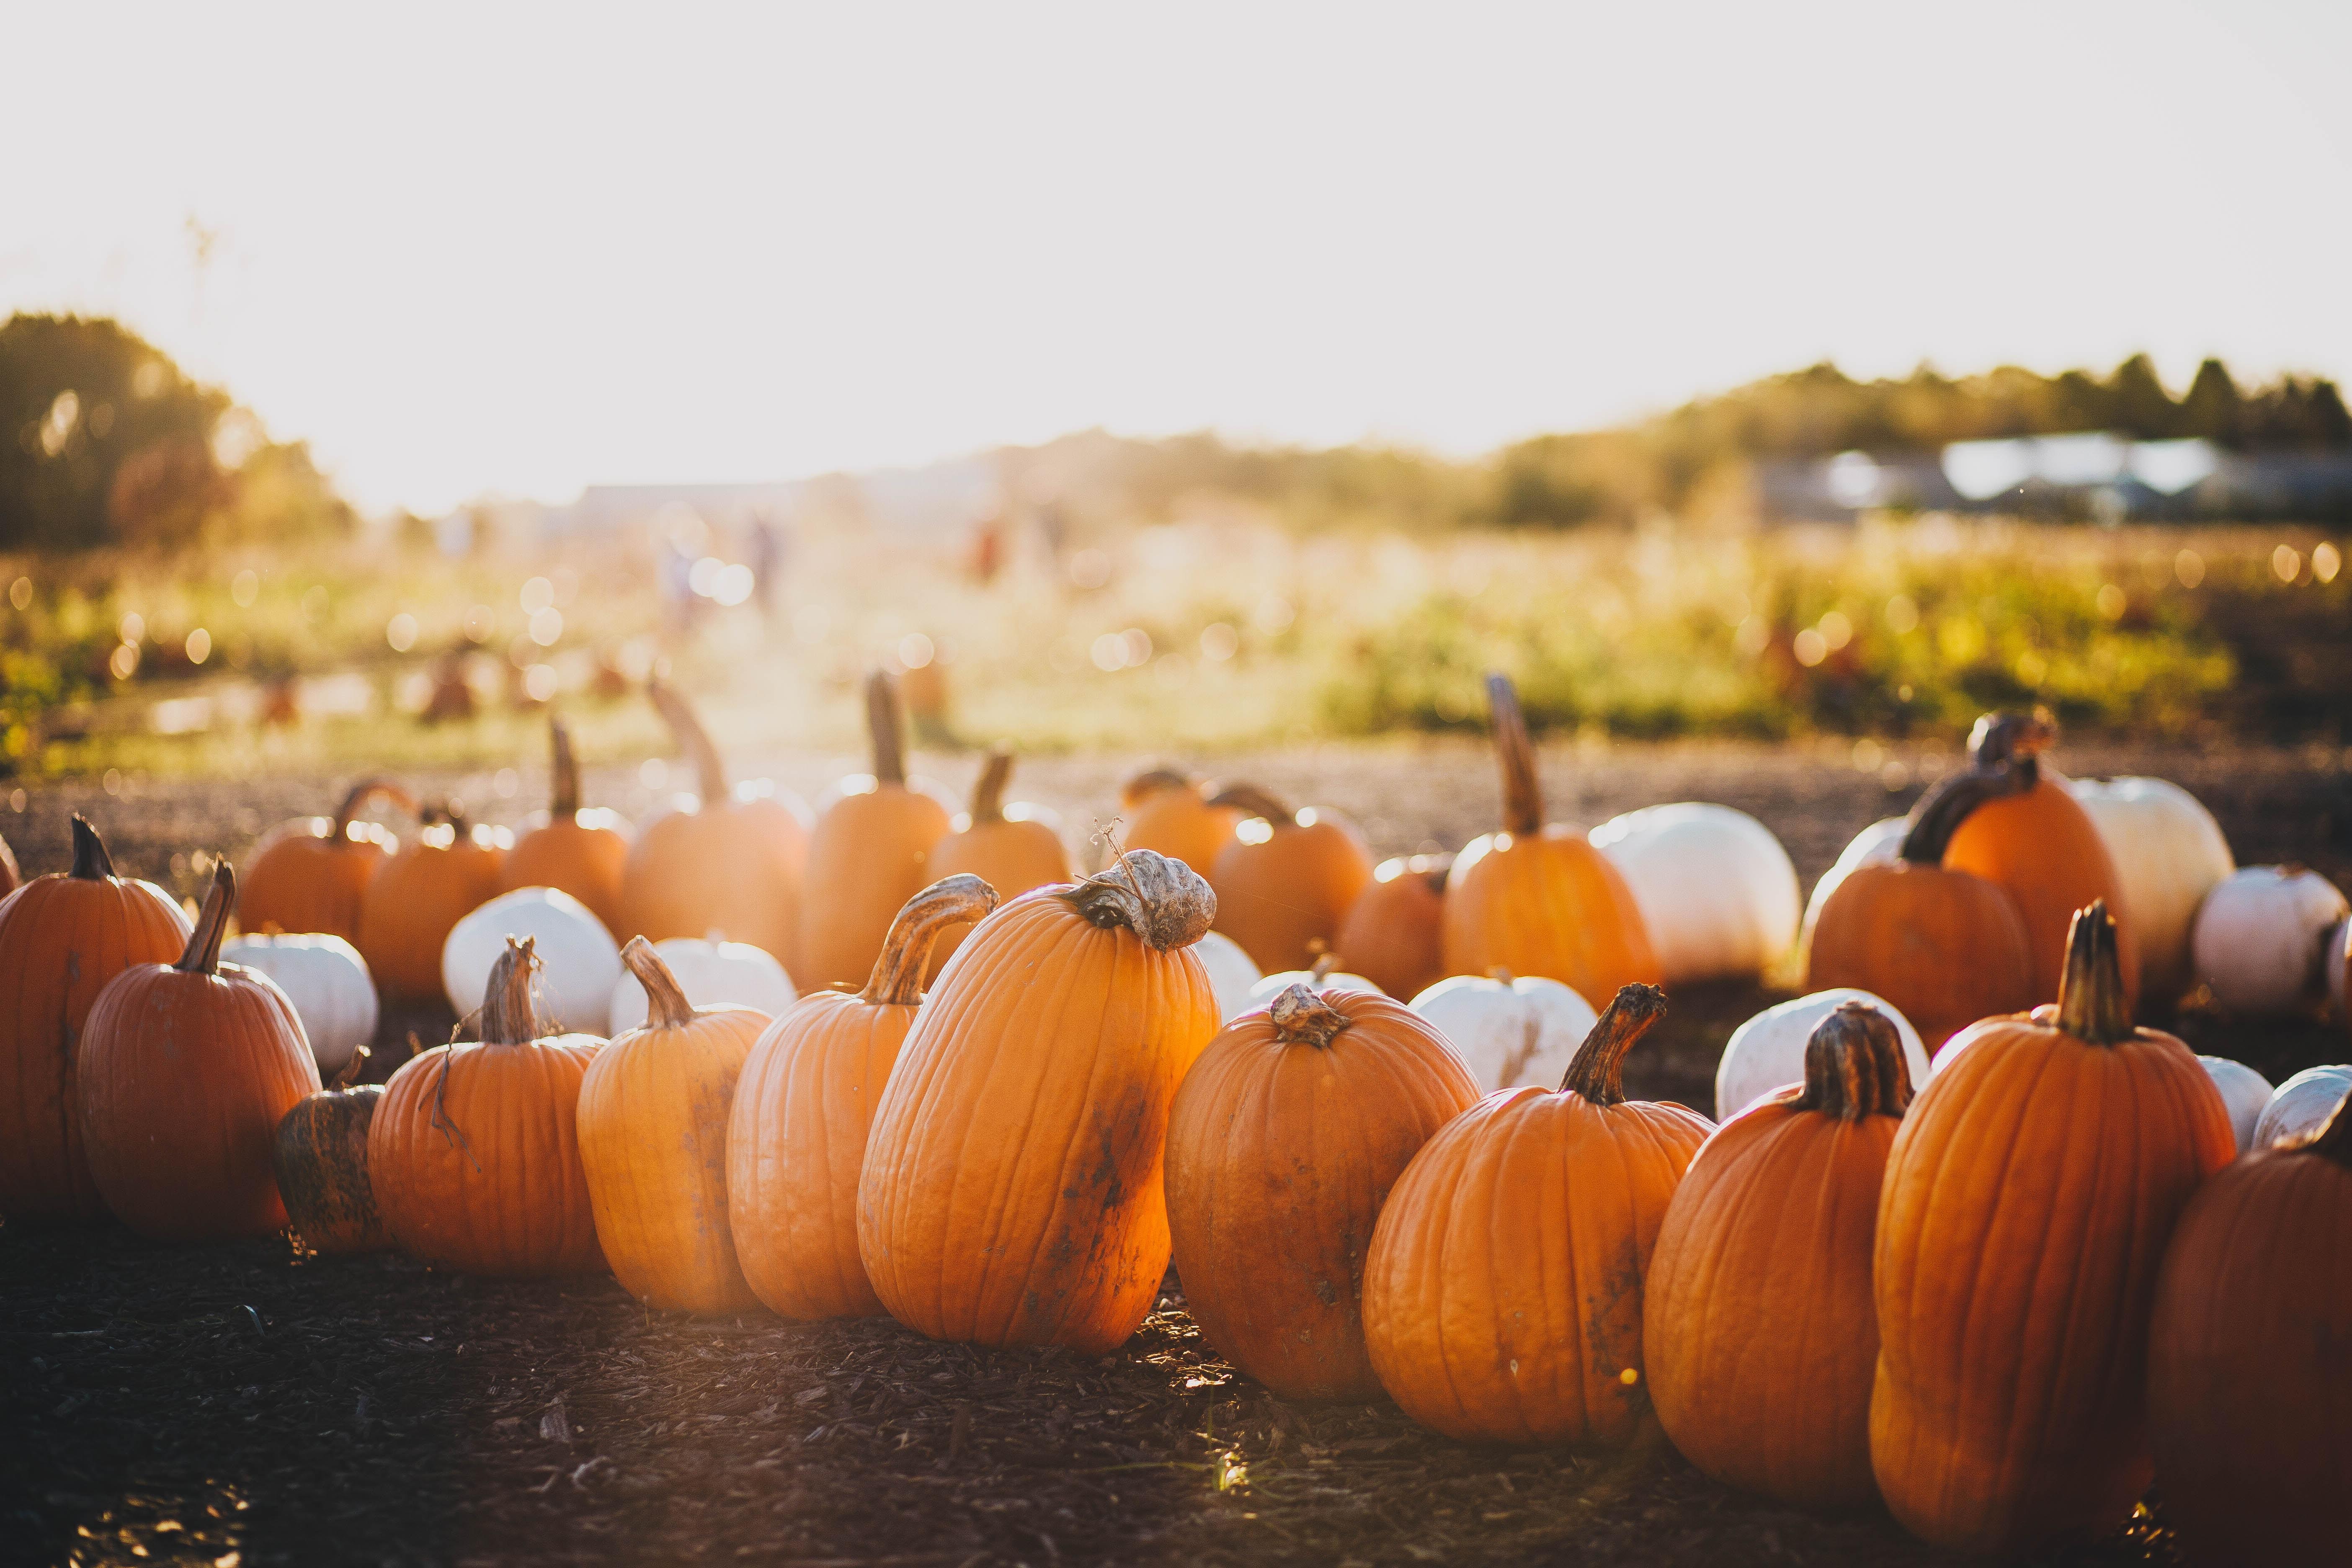 Garsons Farm pumpkins